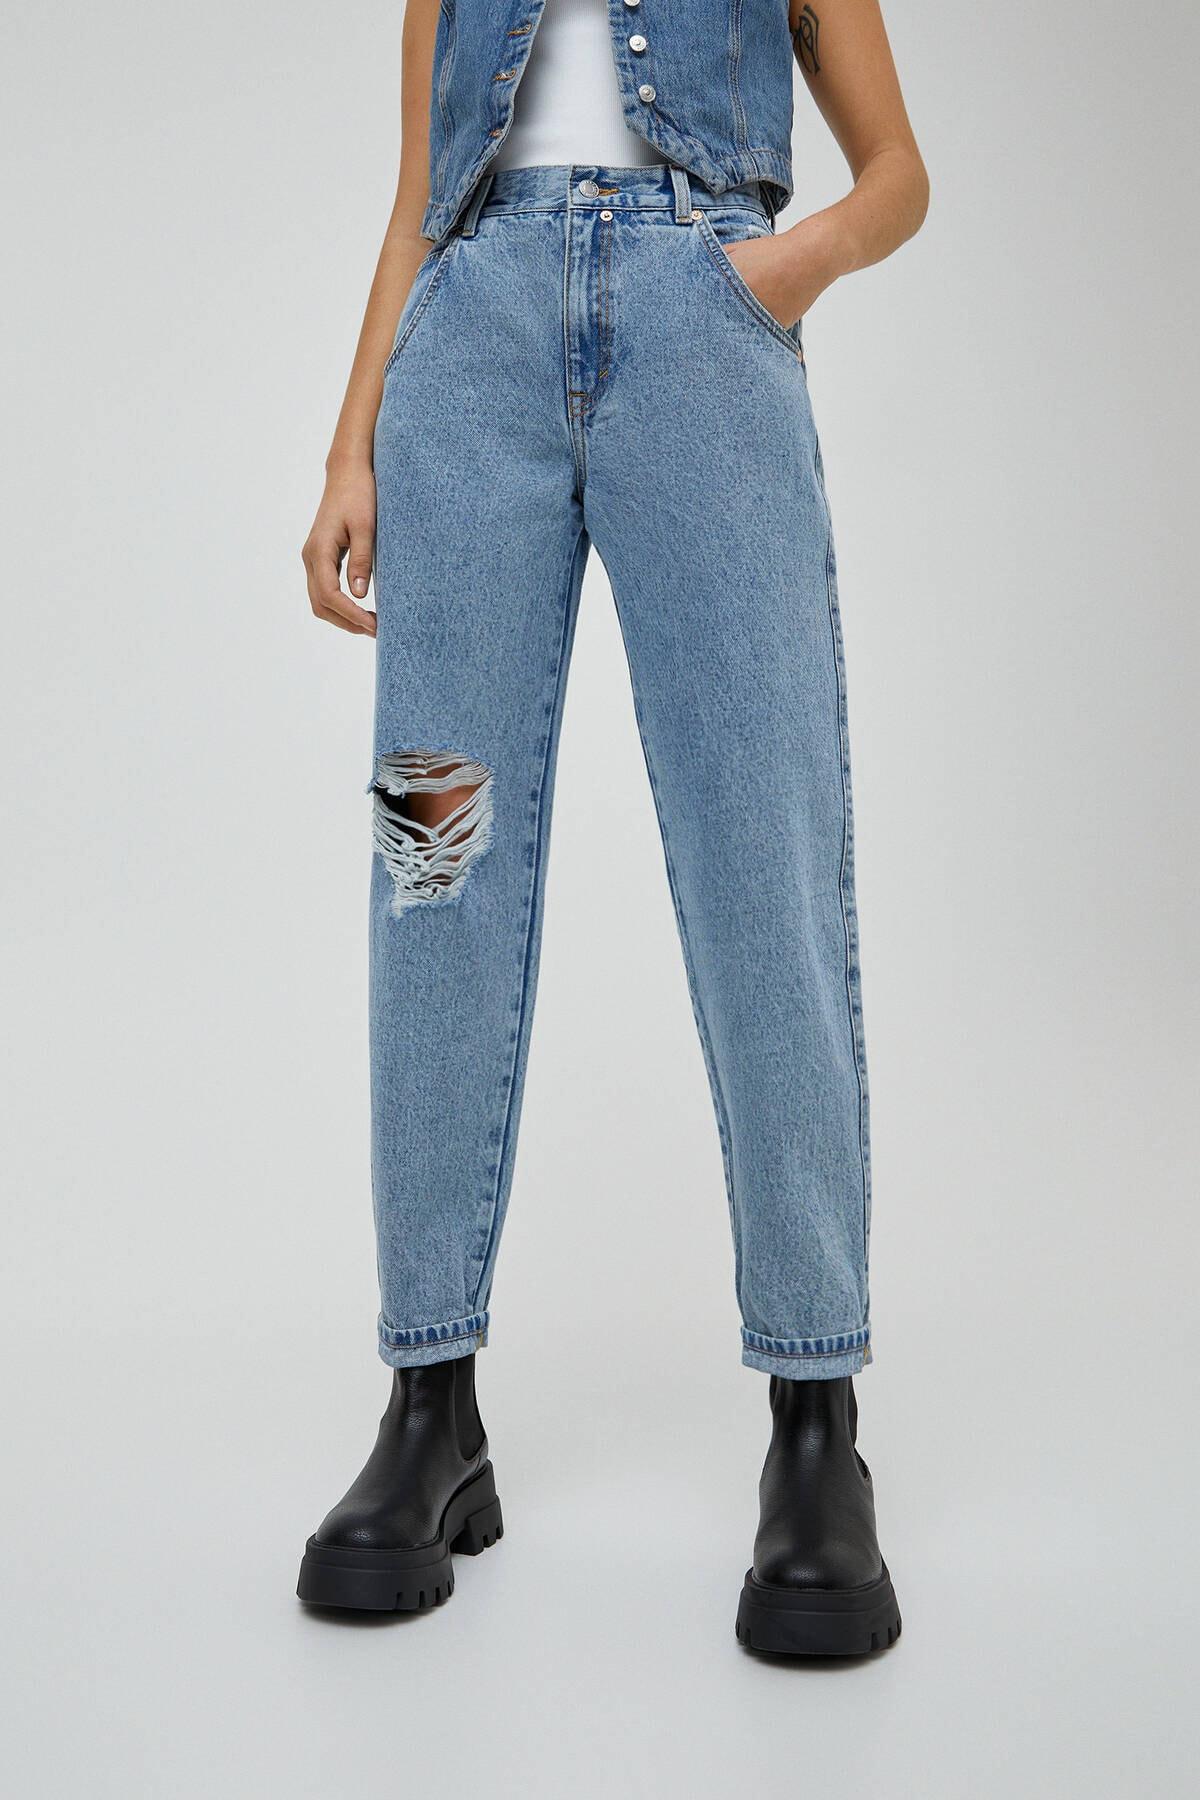 Pull & Bear Kadın Açık Mavi Basic Yüksek Bel Slouchy Jean 04681320 2